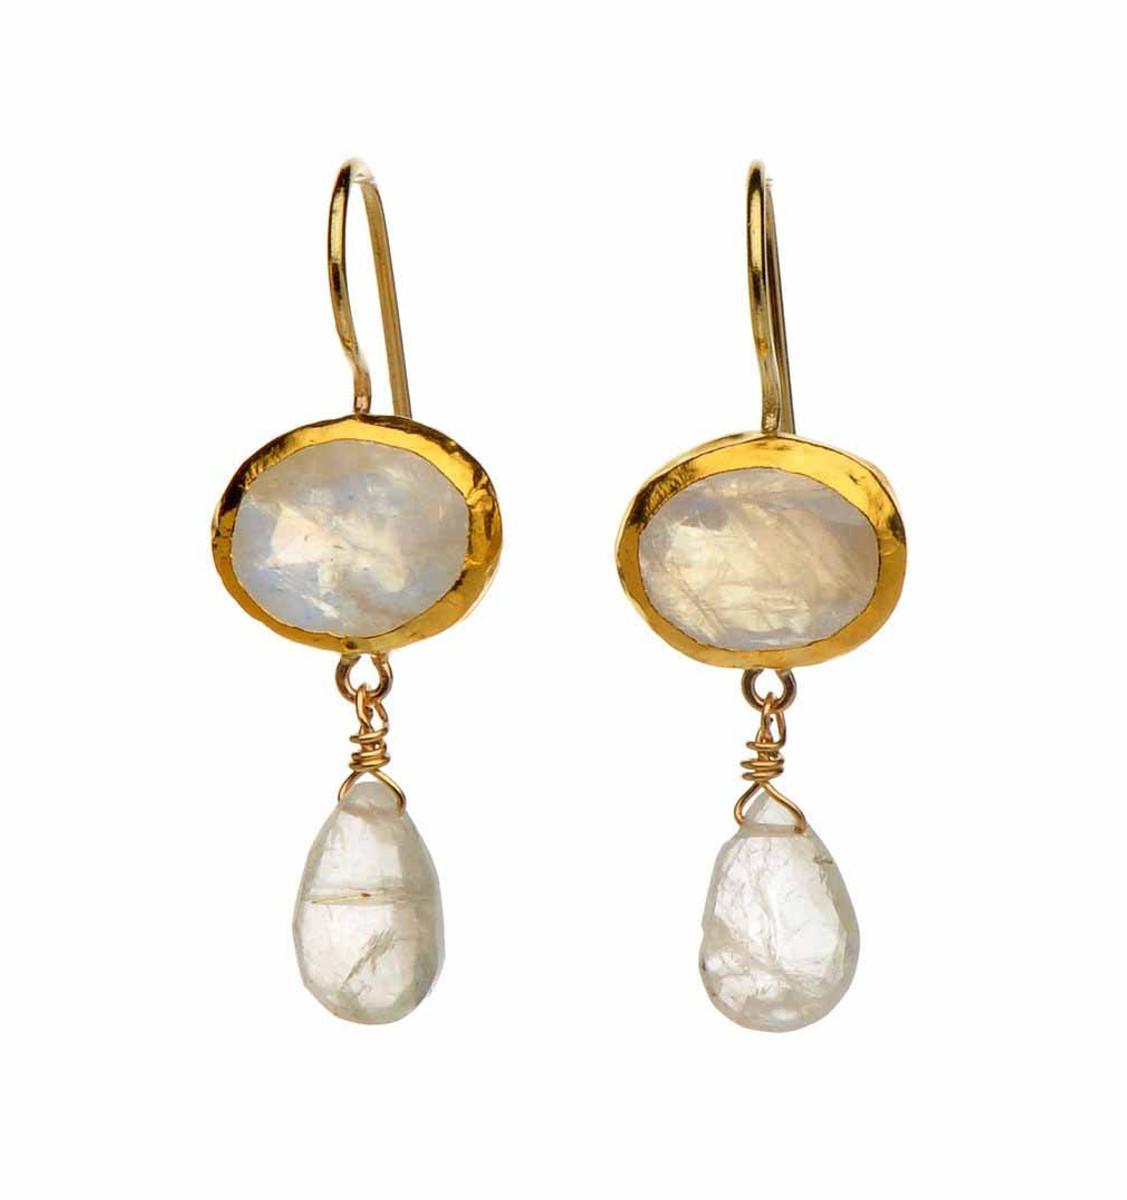 Nava Zahavi Moonlight Moonstone Earrings - New Arrival